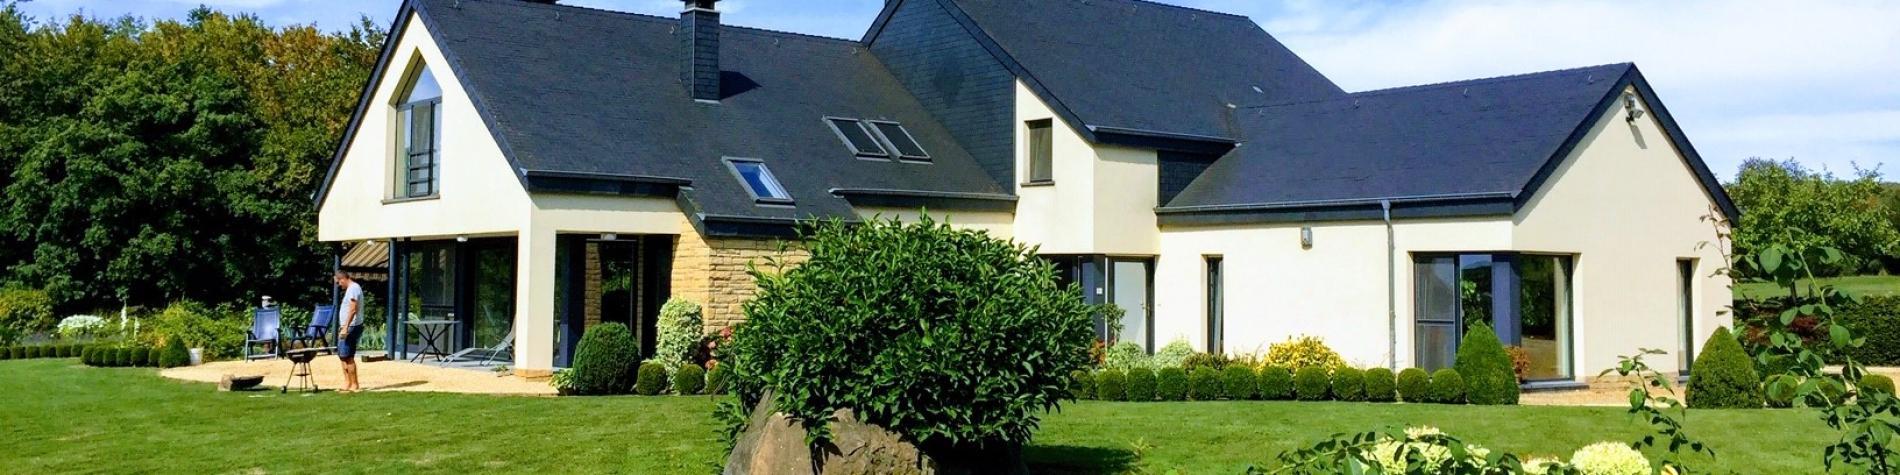 Maison d'hôtes - A l'orée du bois - Florenville